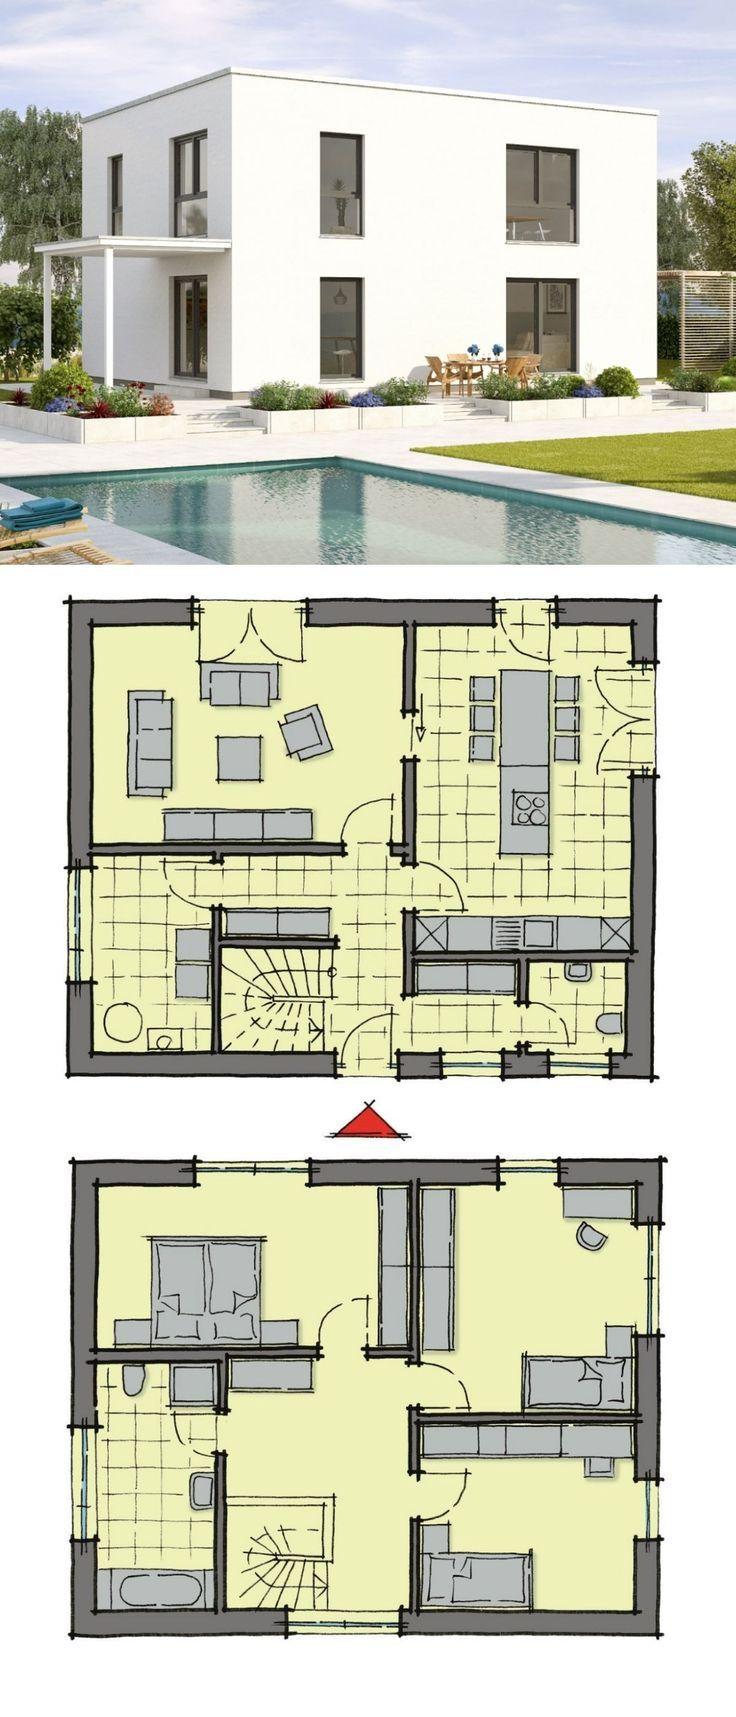 Modernes Einfamilienhaus zweigeschossig im Bauhausstil mit